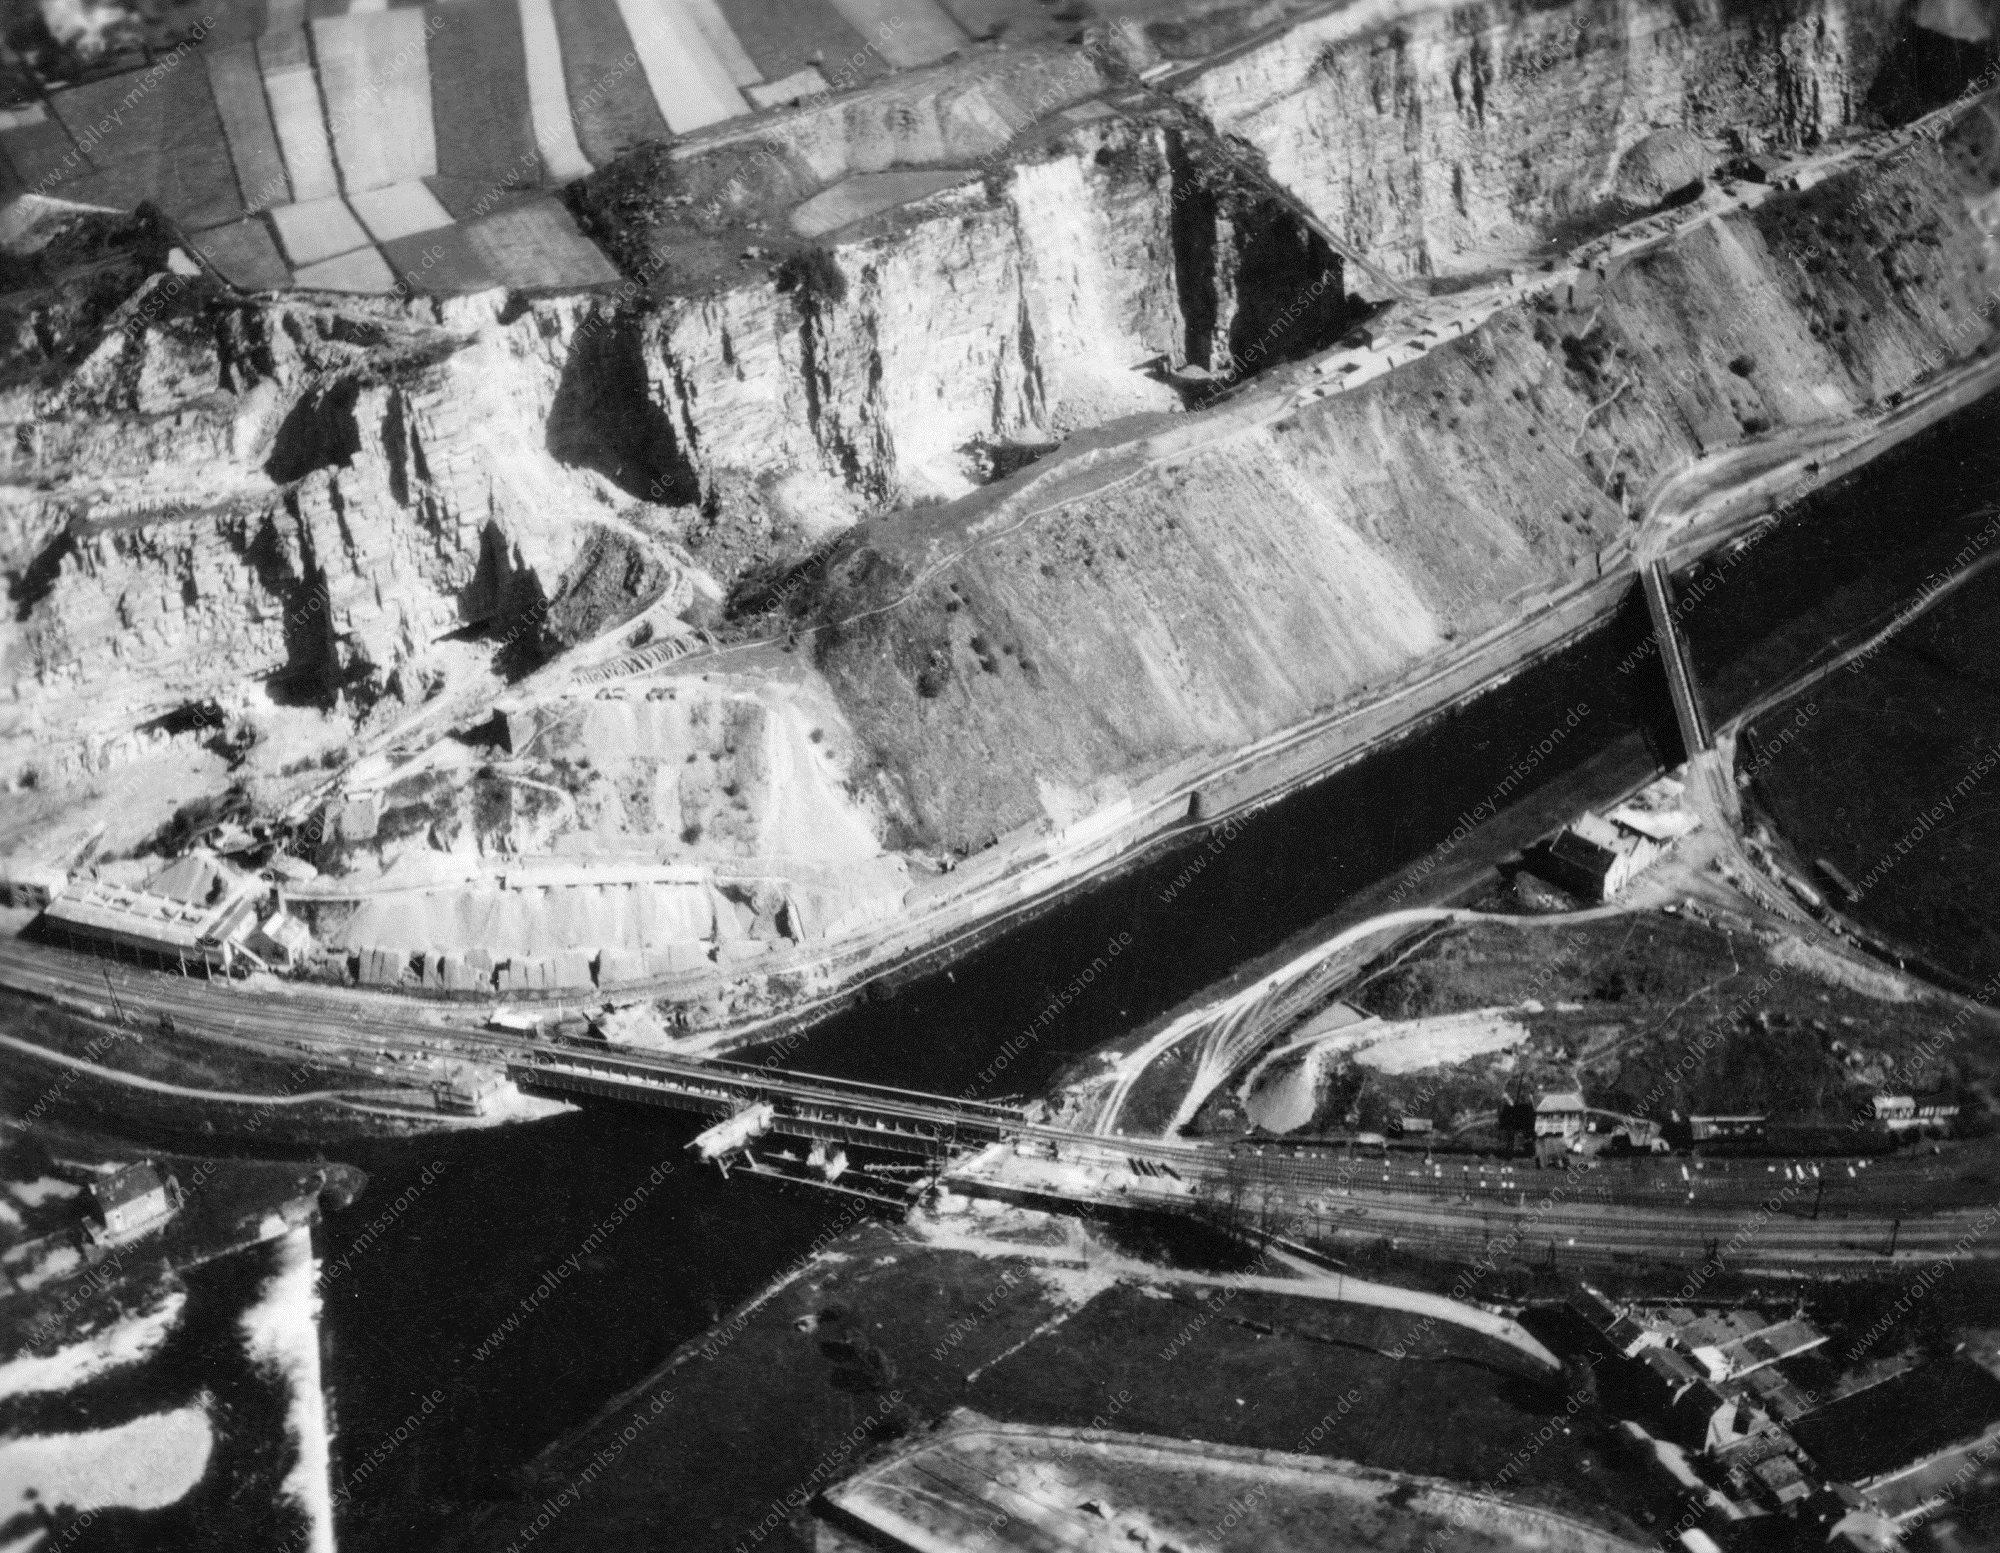 Luftbild Comblain-au-Pont mit Steinbruch und Eisenbahnbrücke am Fluß Ourthe (Belgien)